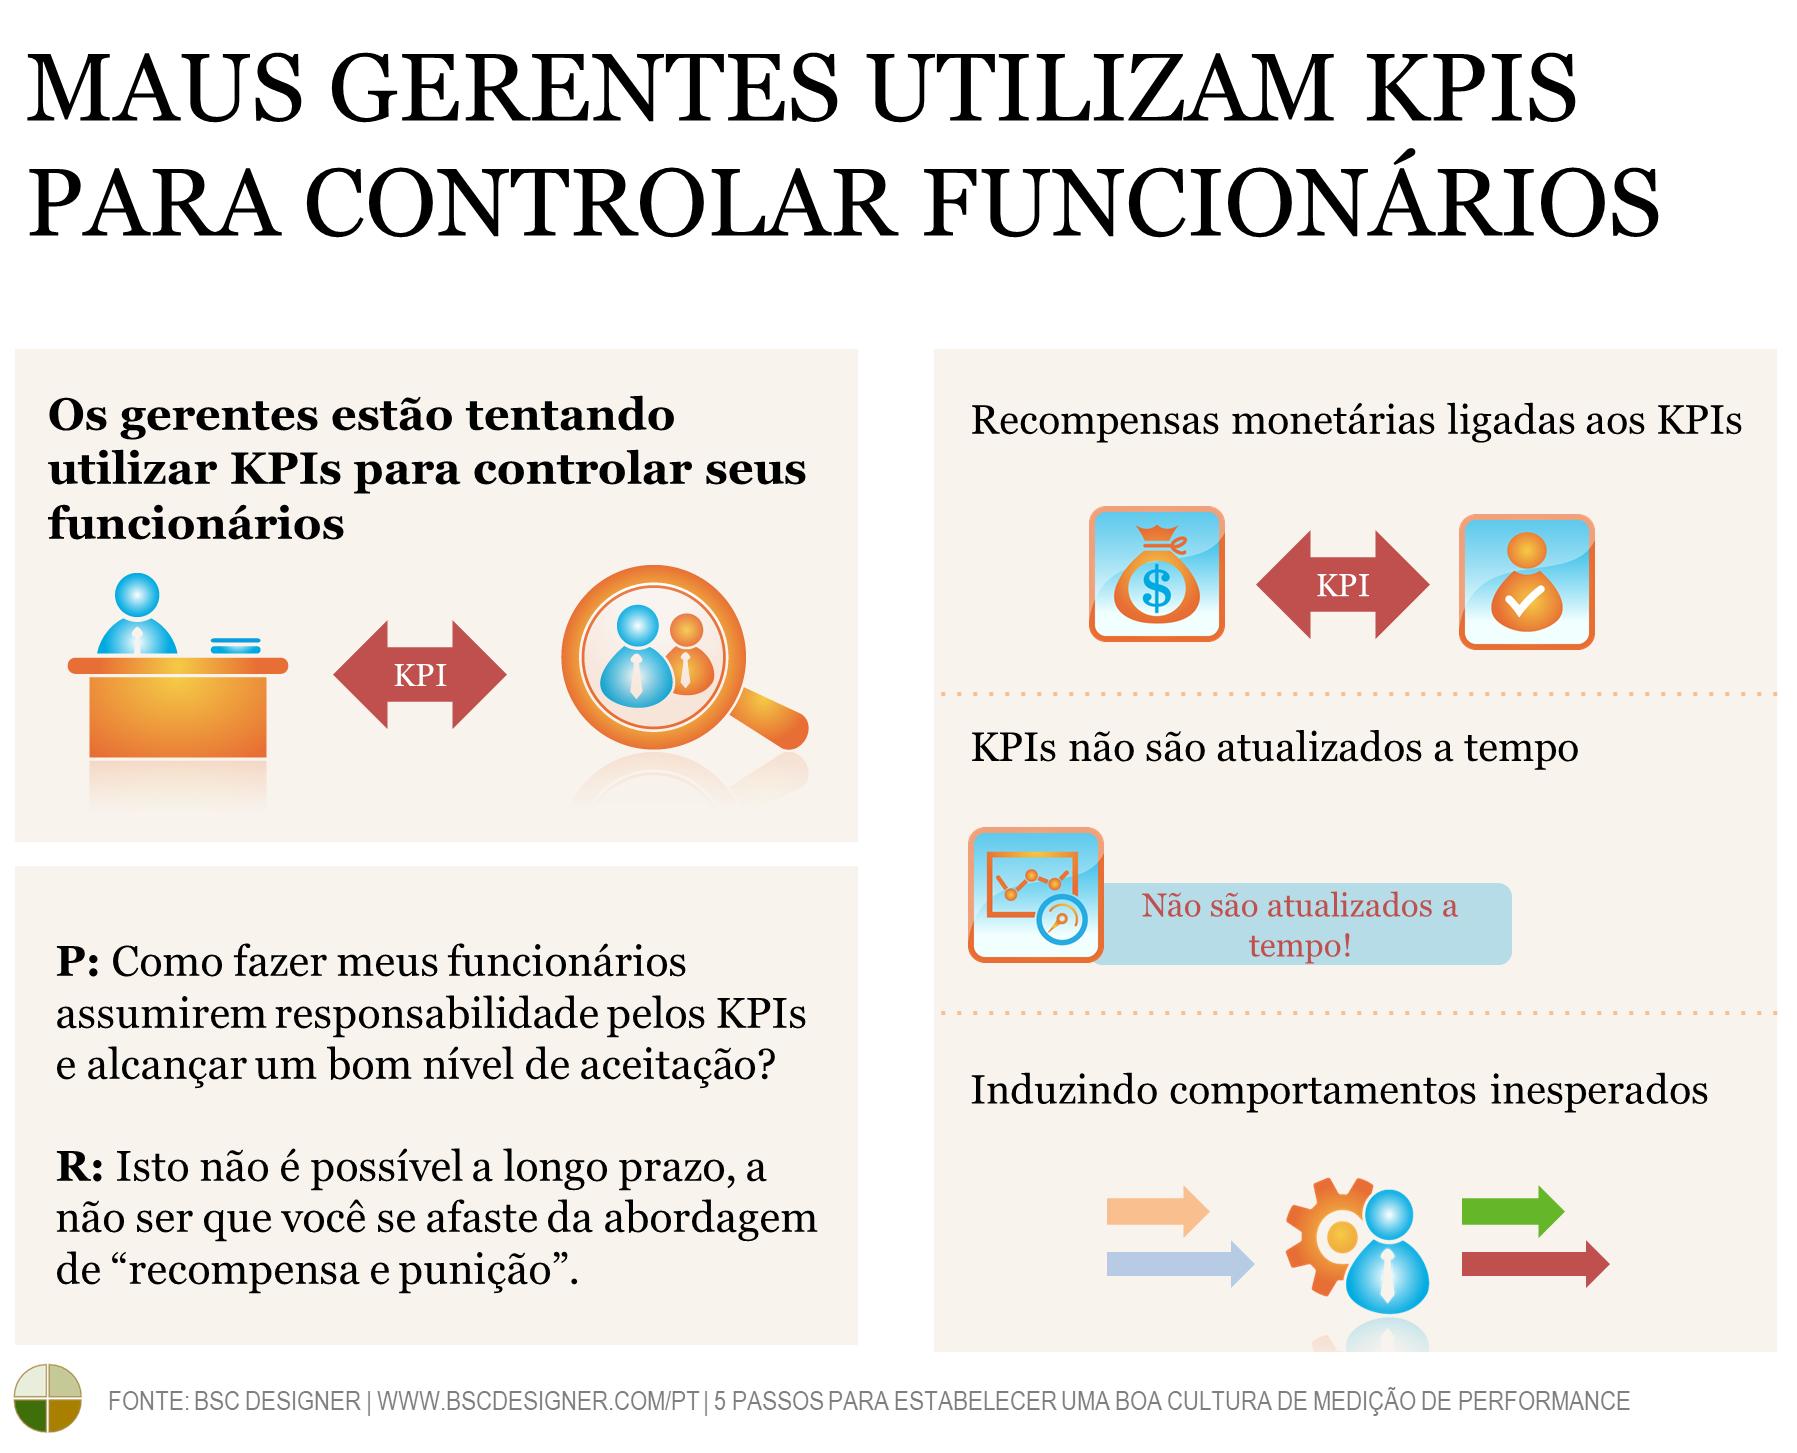 Maus gestores utilizam KPIs para controlar funcionários